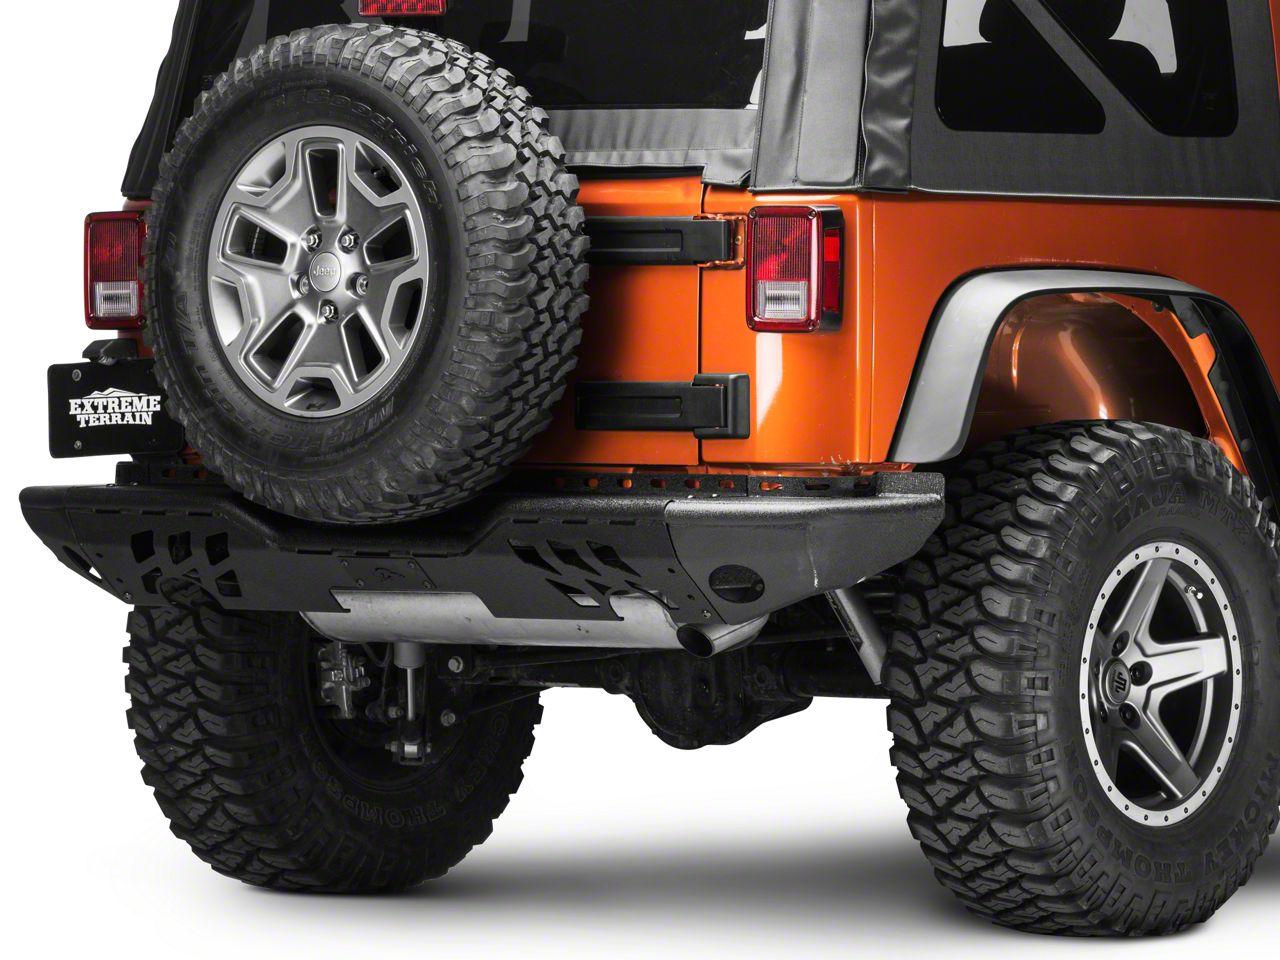 Wild Boar Complete Rear Bumper - Black (07-18 Jeep Wrangler JK)